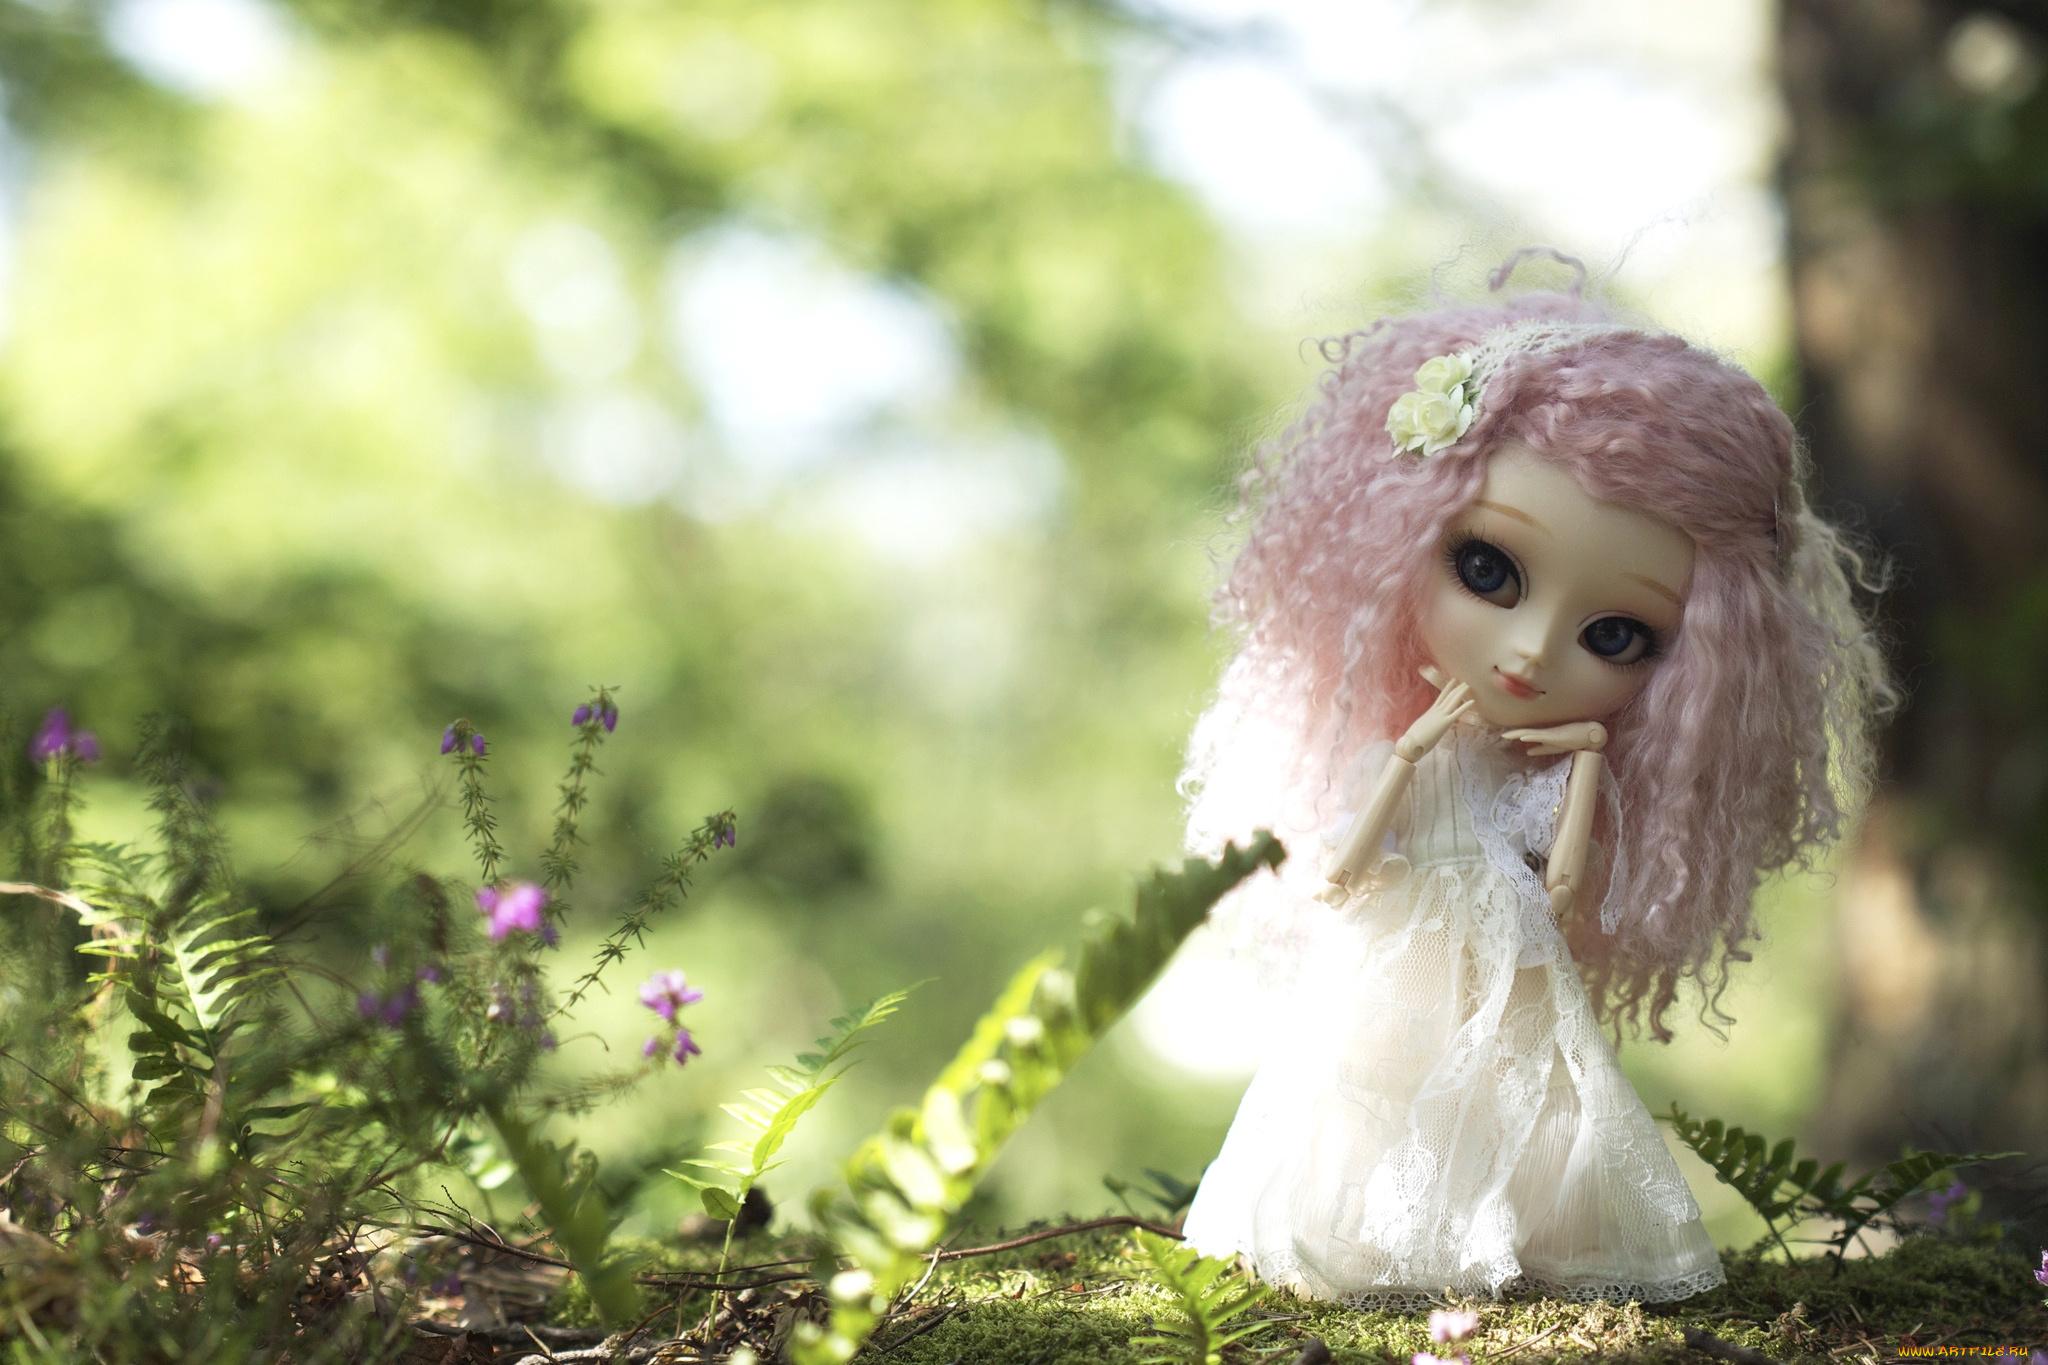 природа цветы кукла игрушка nature flowers doll toy бесплатно